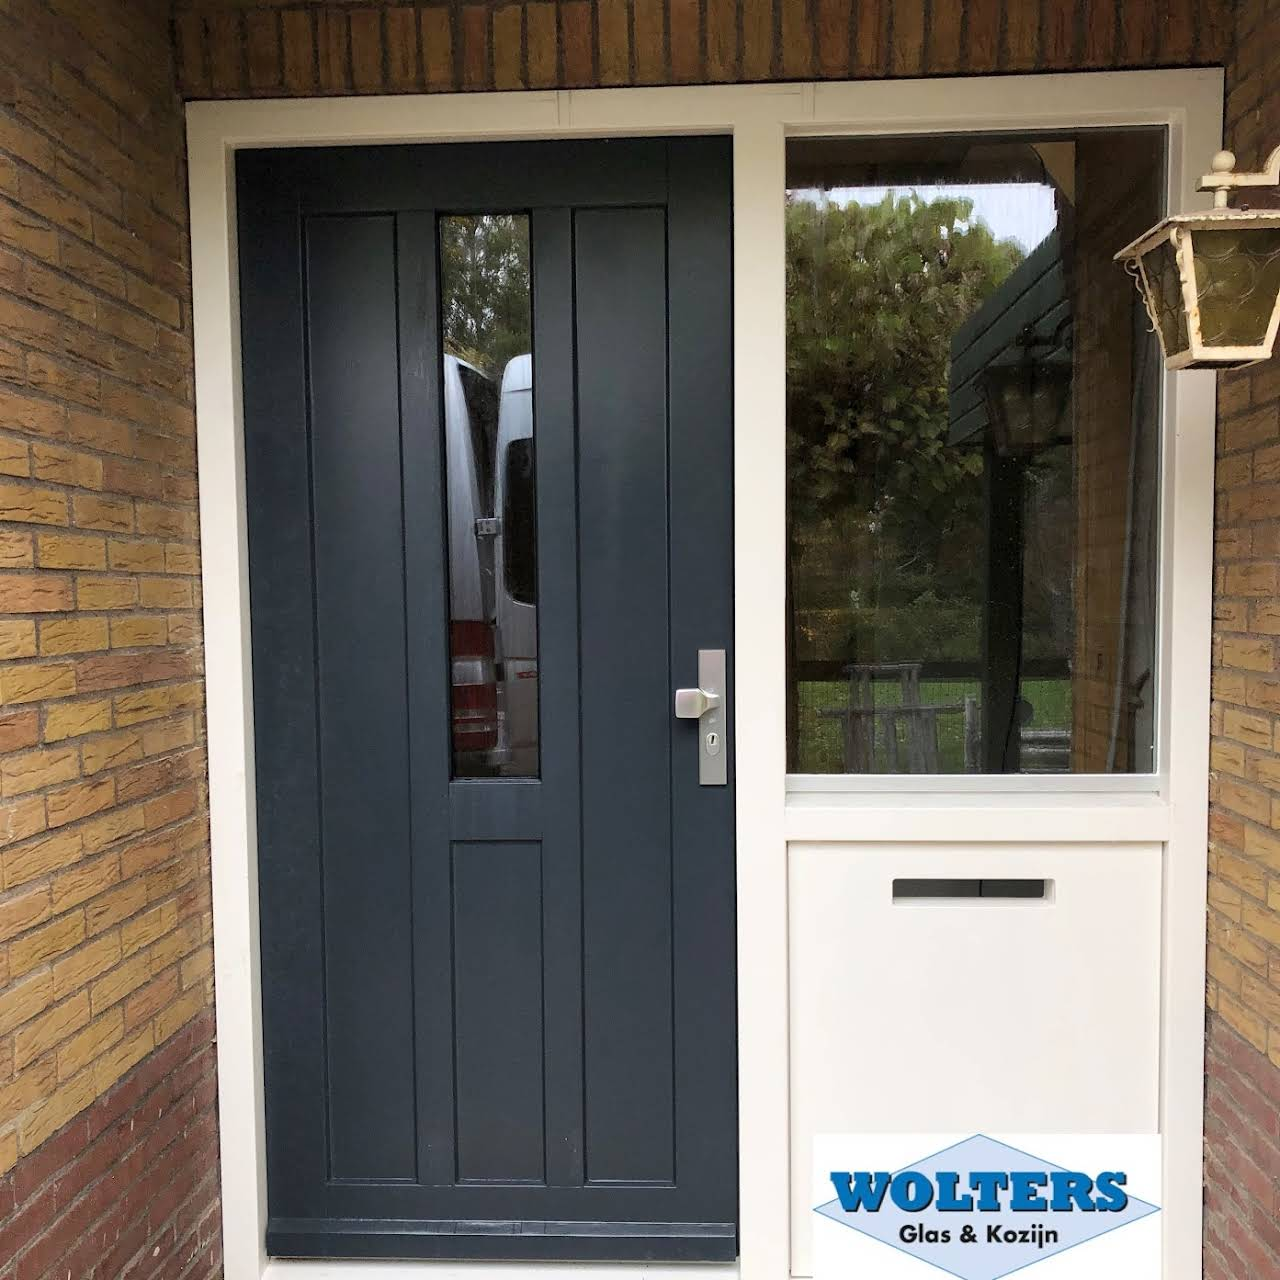 Beste Wolters Glas & Kozijn - Specialist in glas, houten- & kunststof HP-84